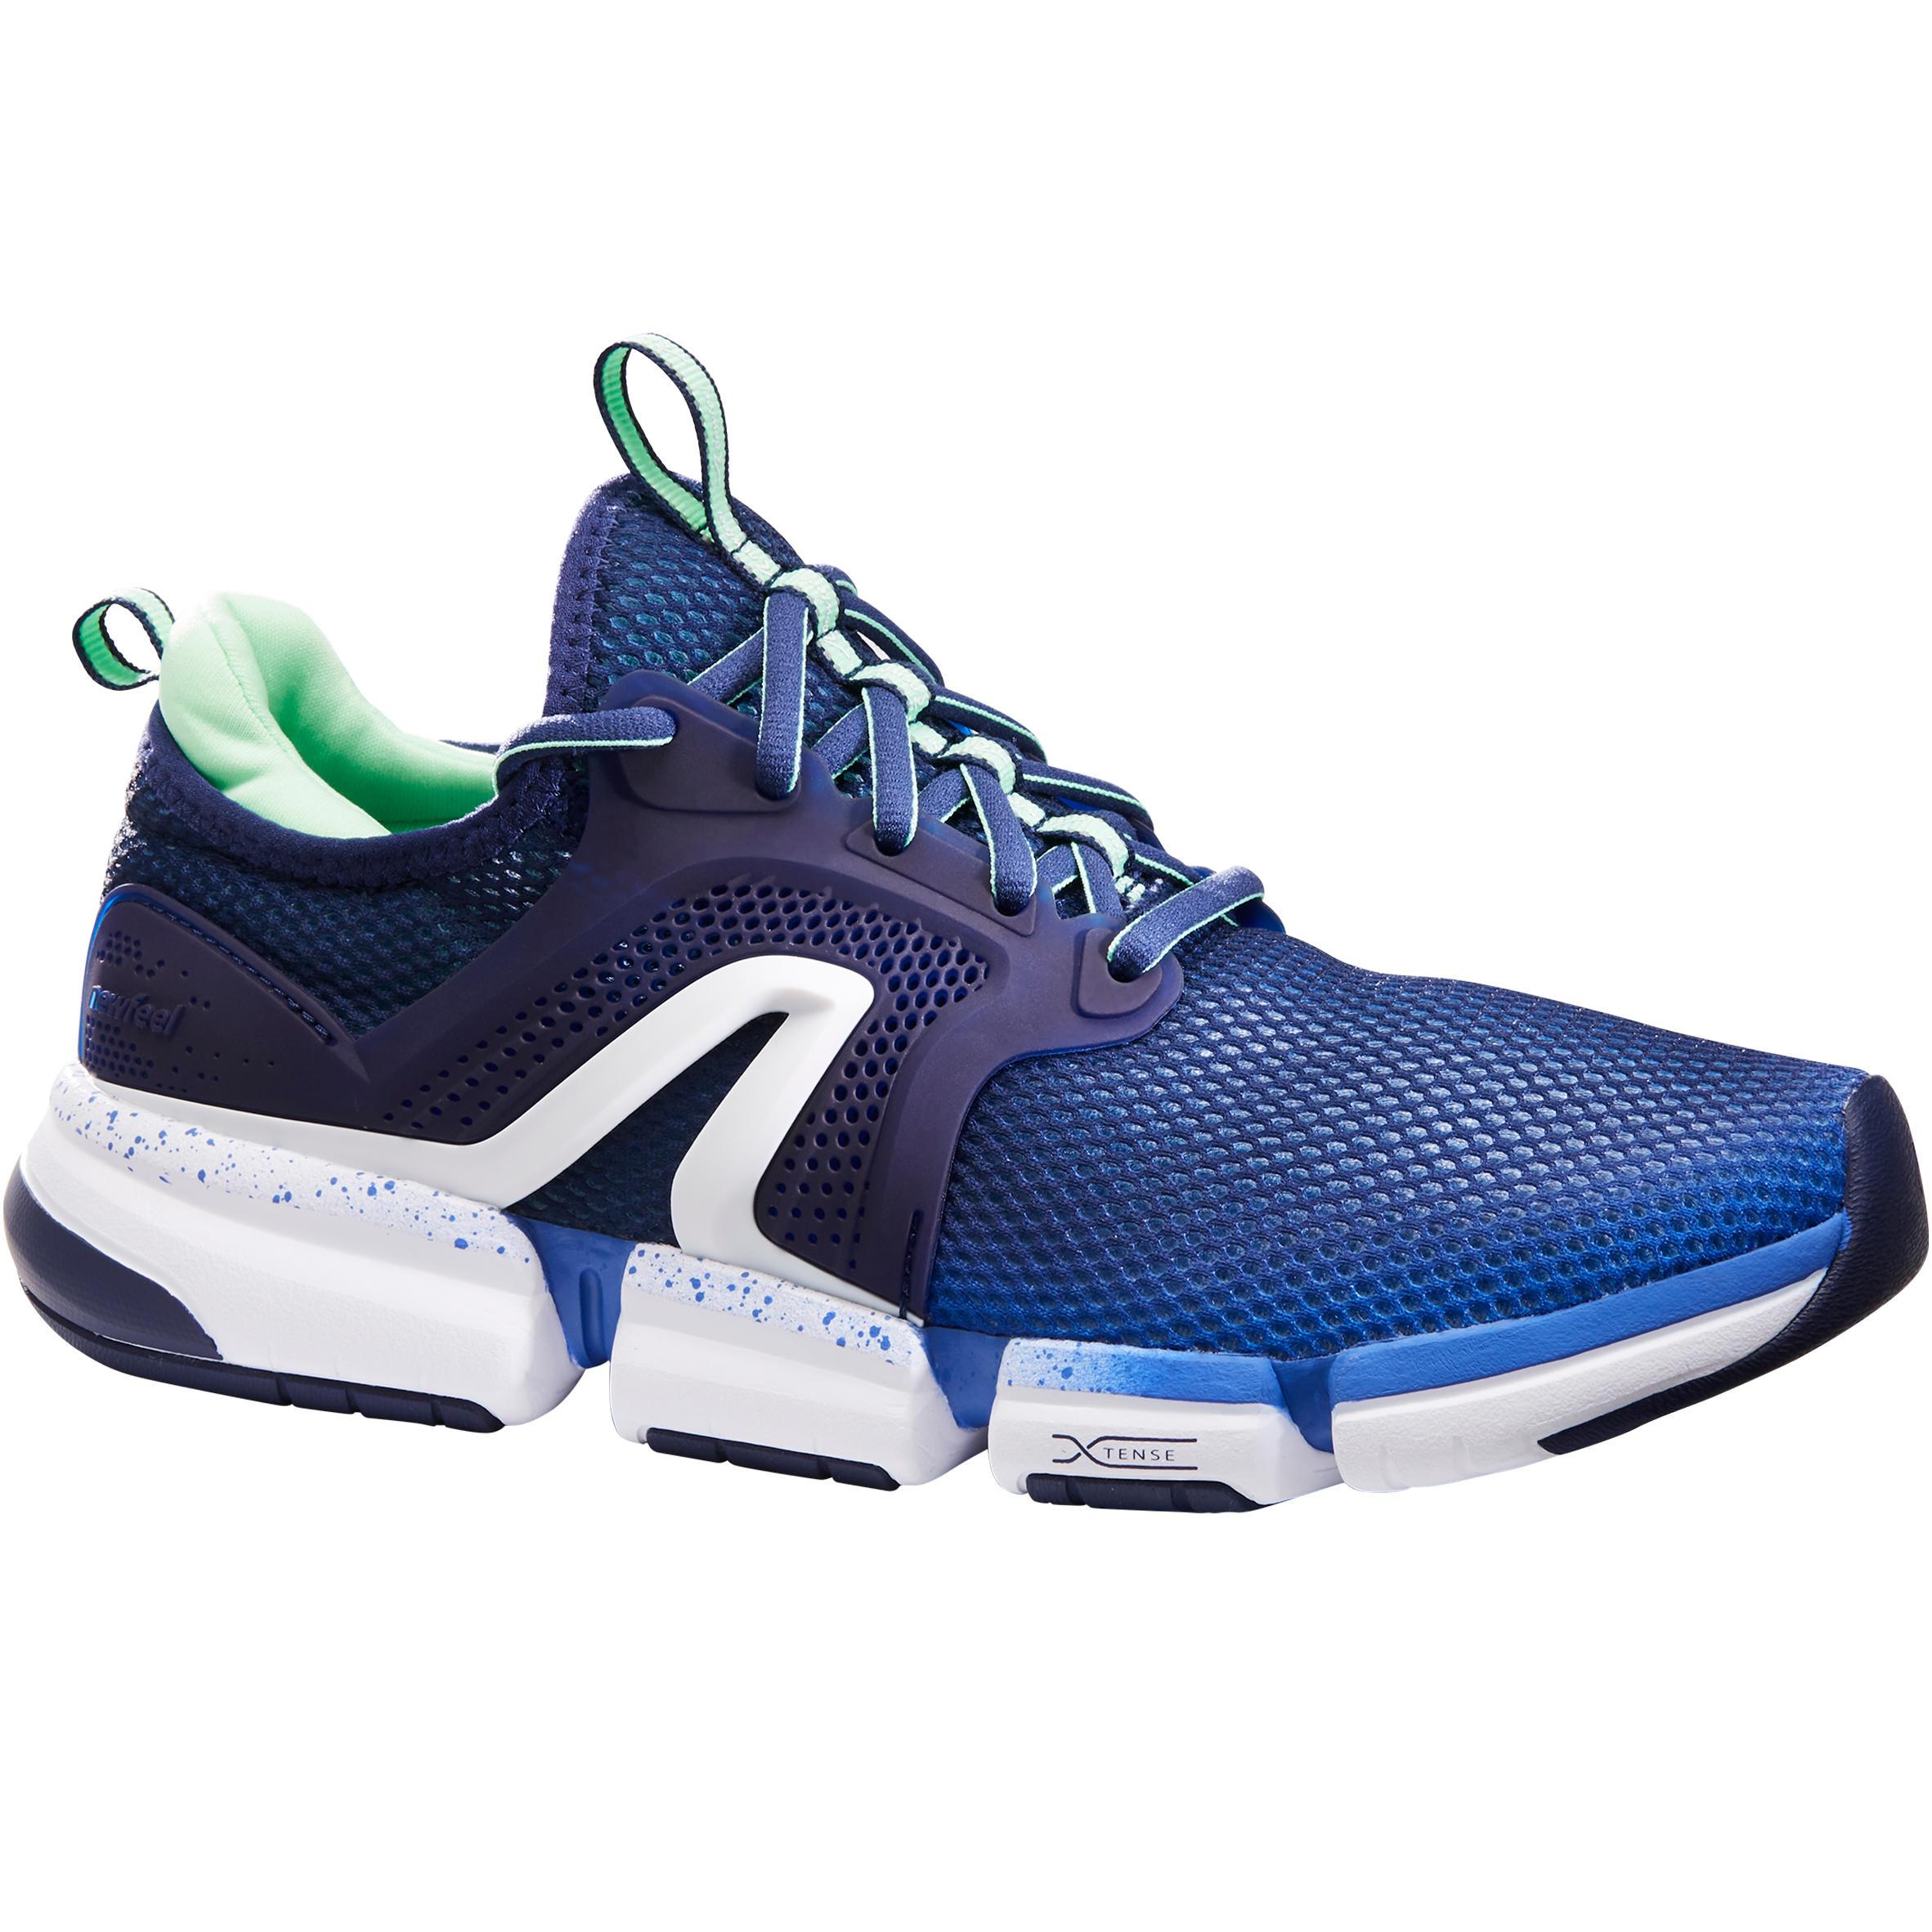 4c5c899f Comprar Zapatillas de Andar para Mujer | Decathlon